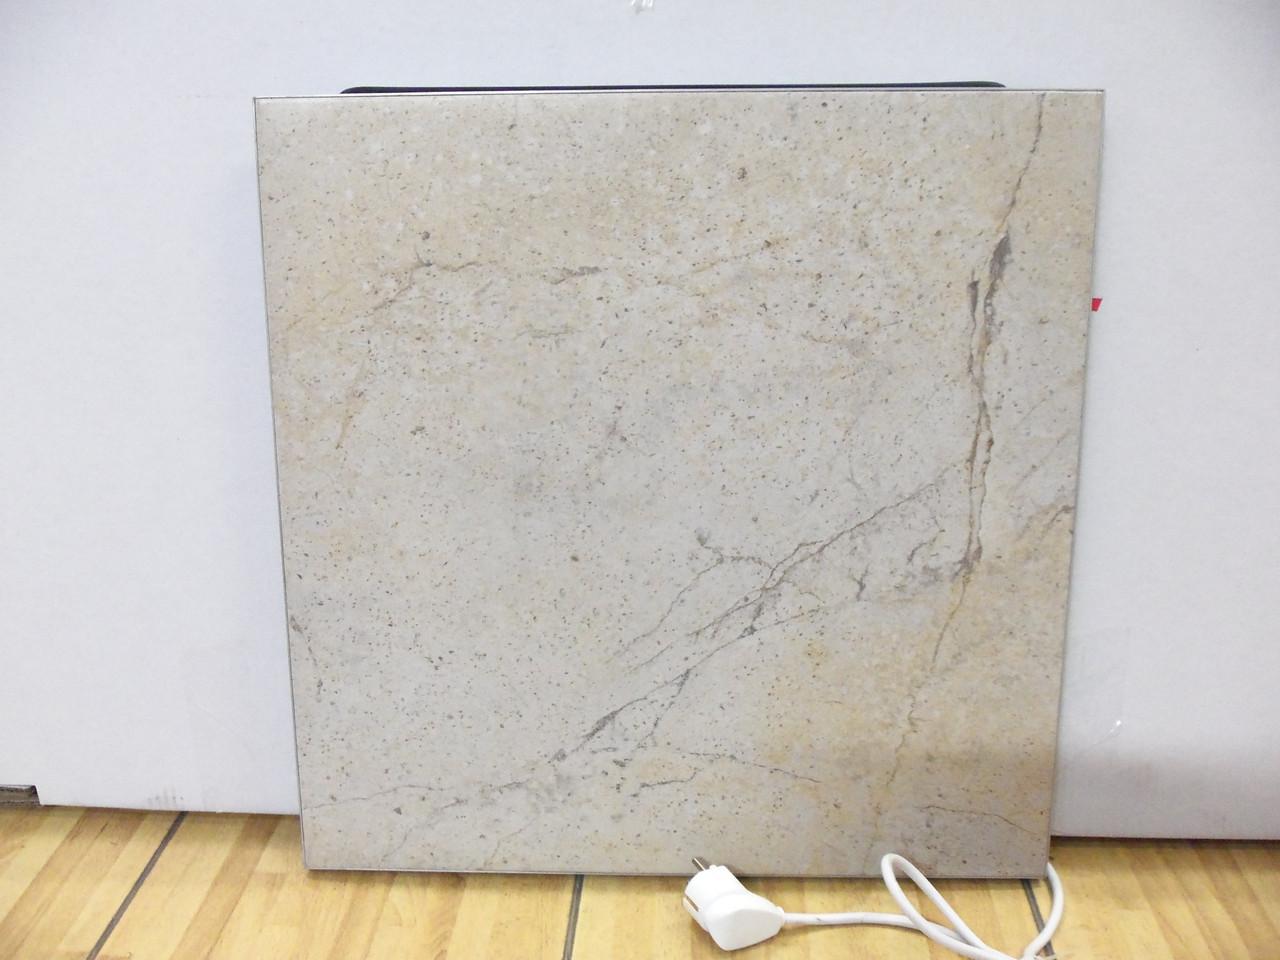 ПКИ 300w 50х50см Энергосберегающая керамическая панель Венеция